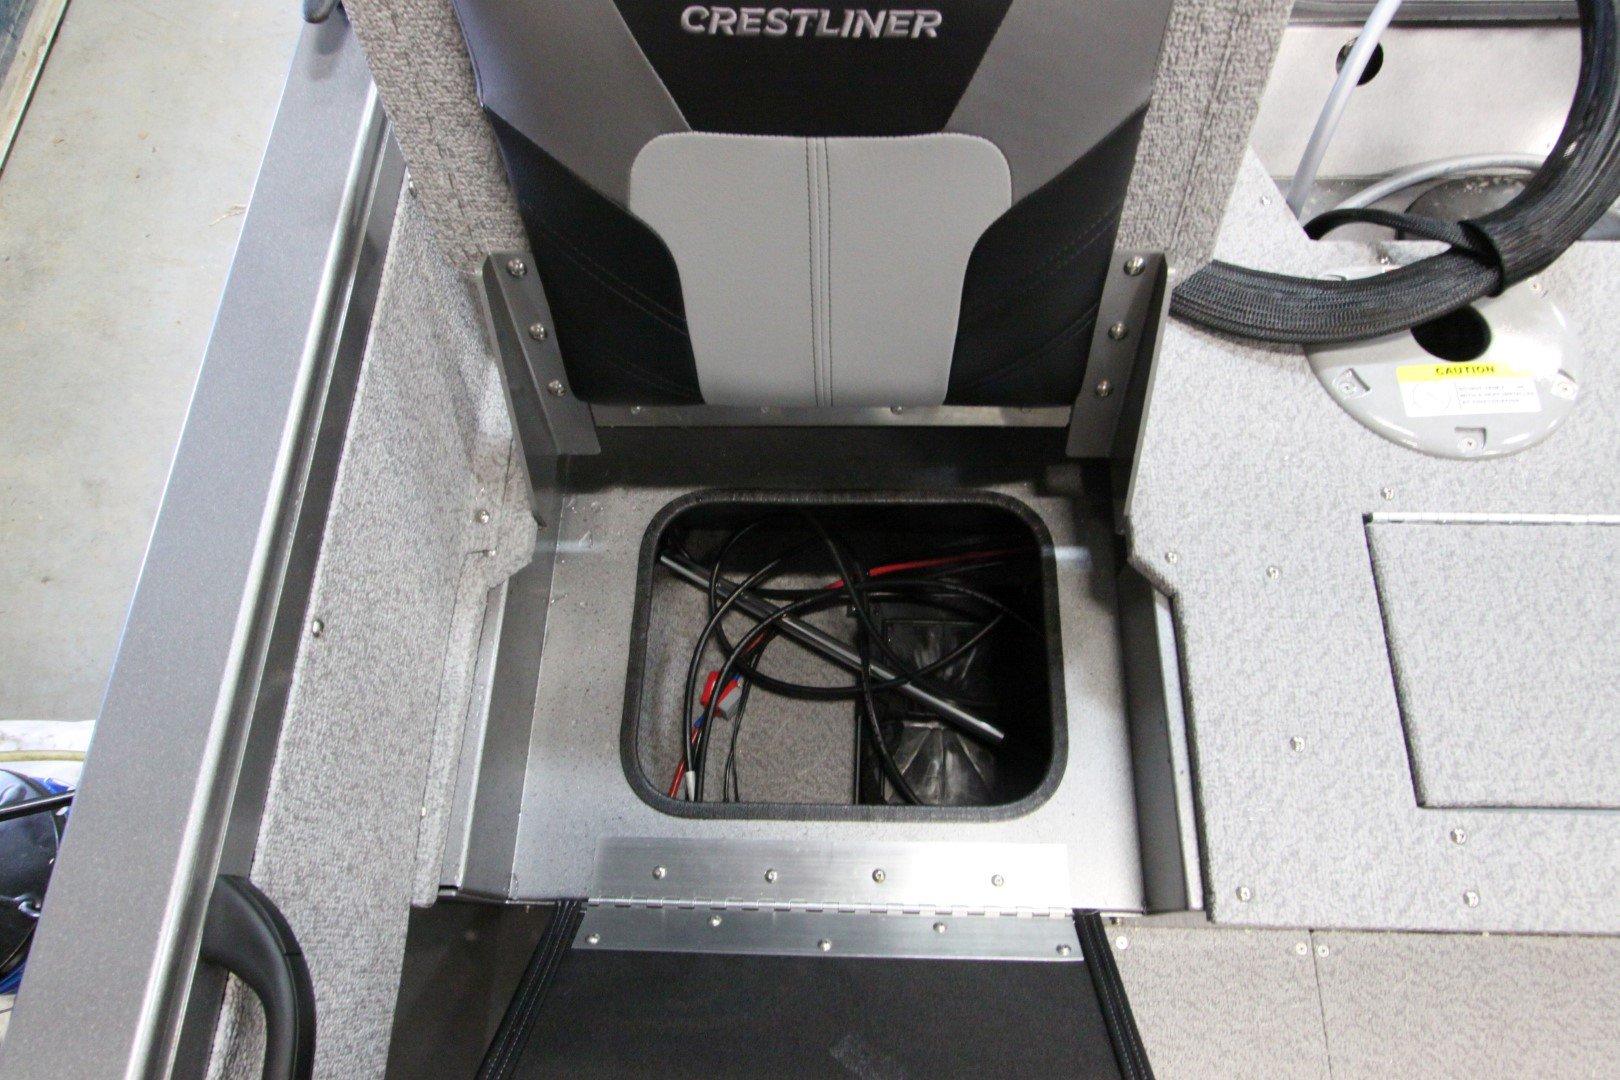 Crestliner Vision 1600 - IMG_9419